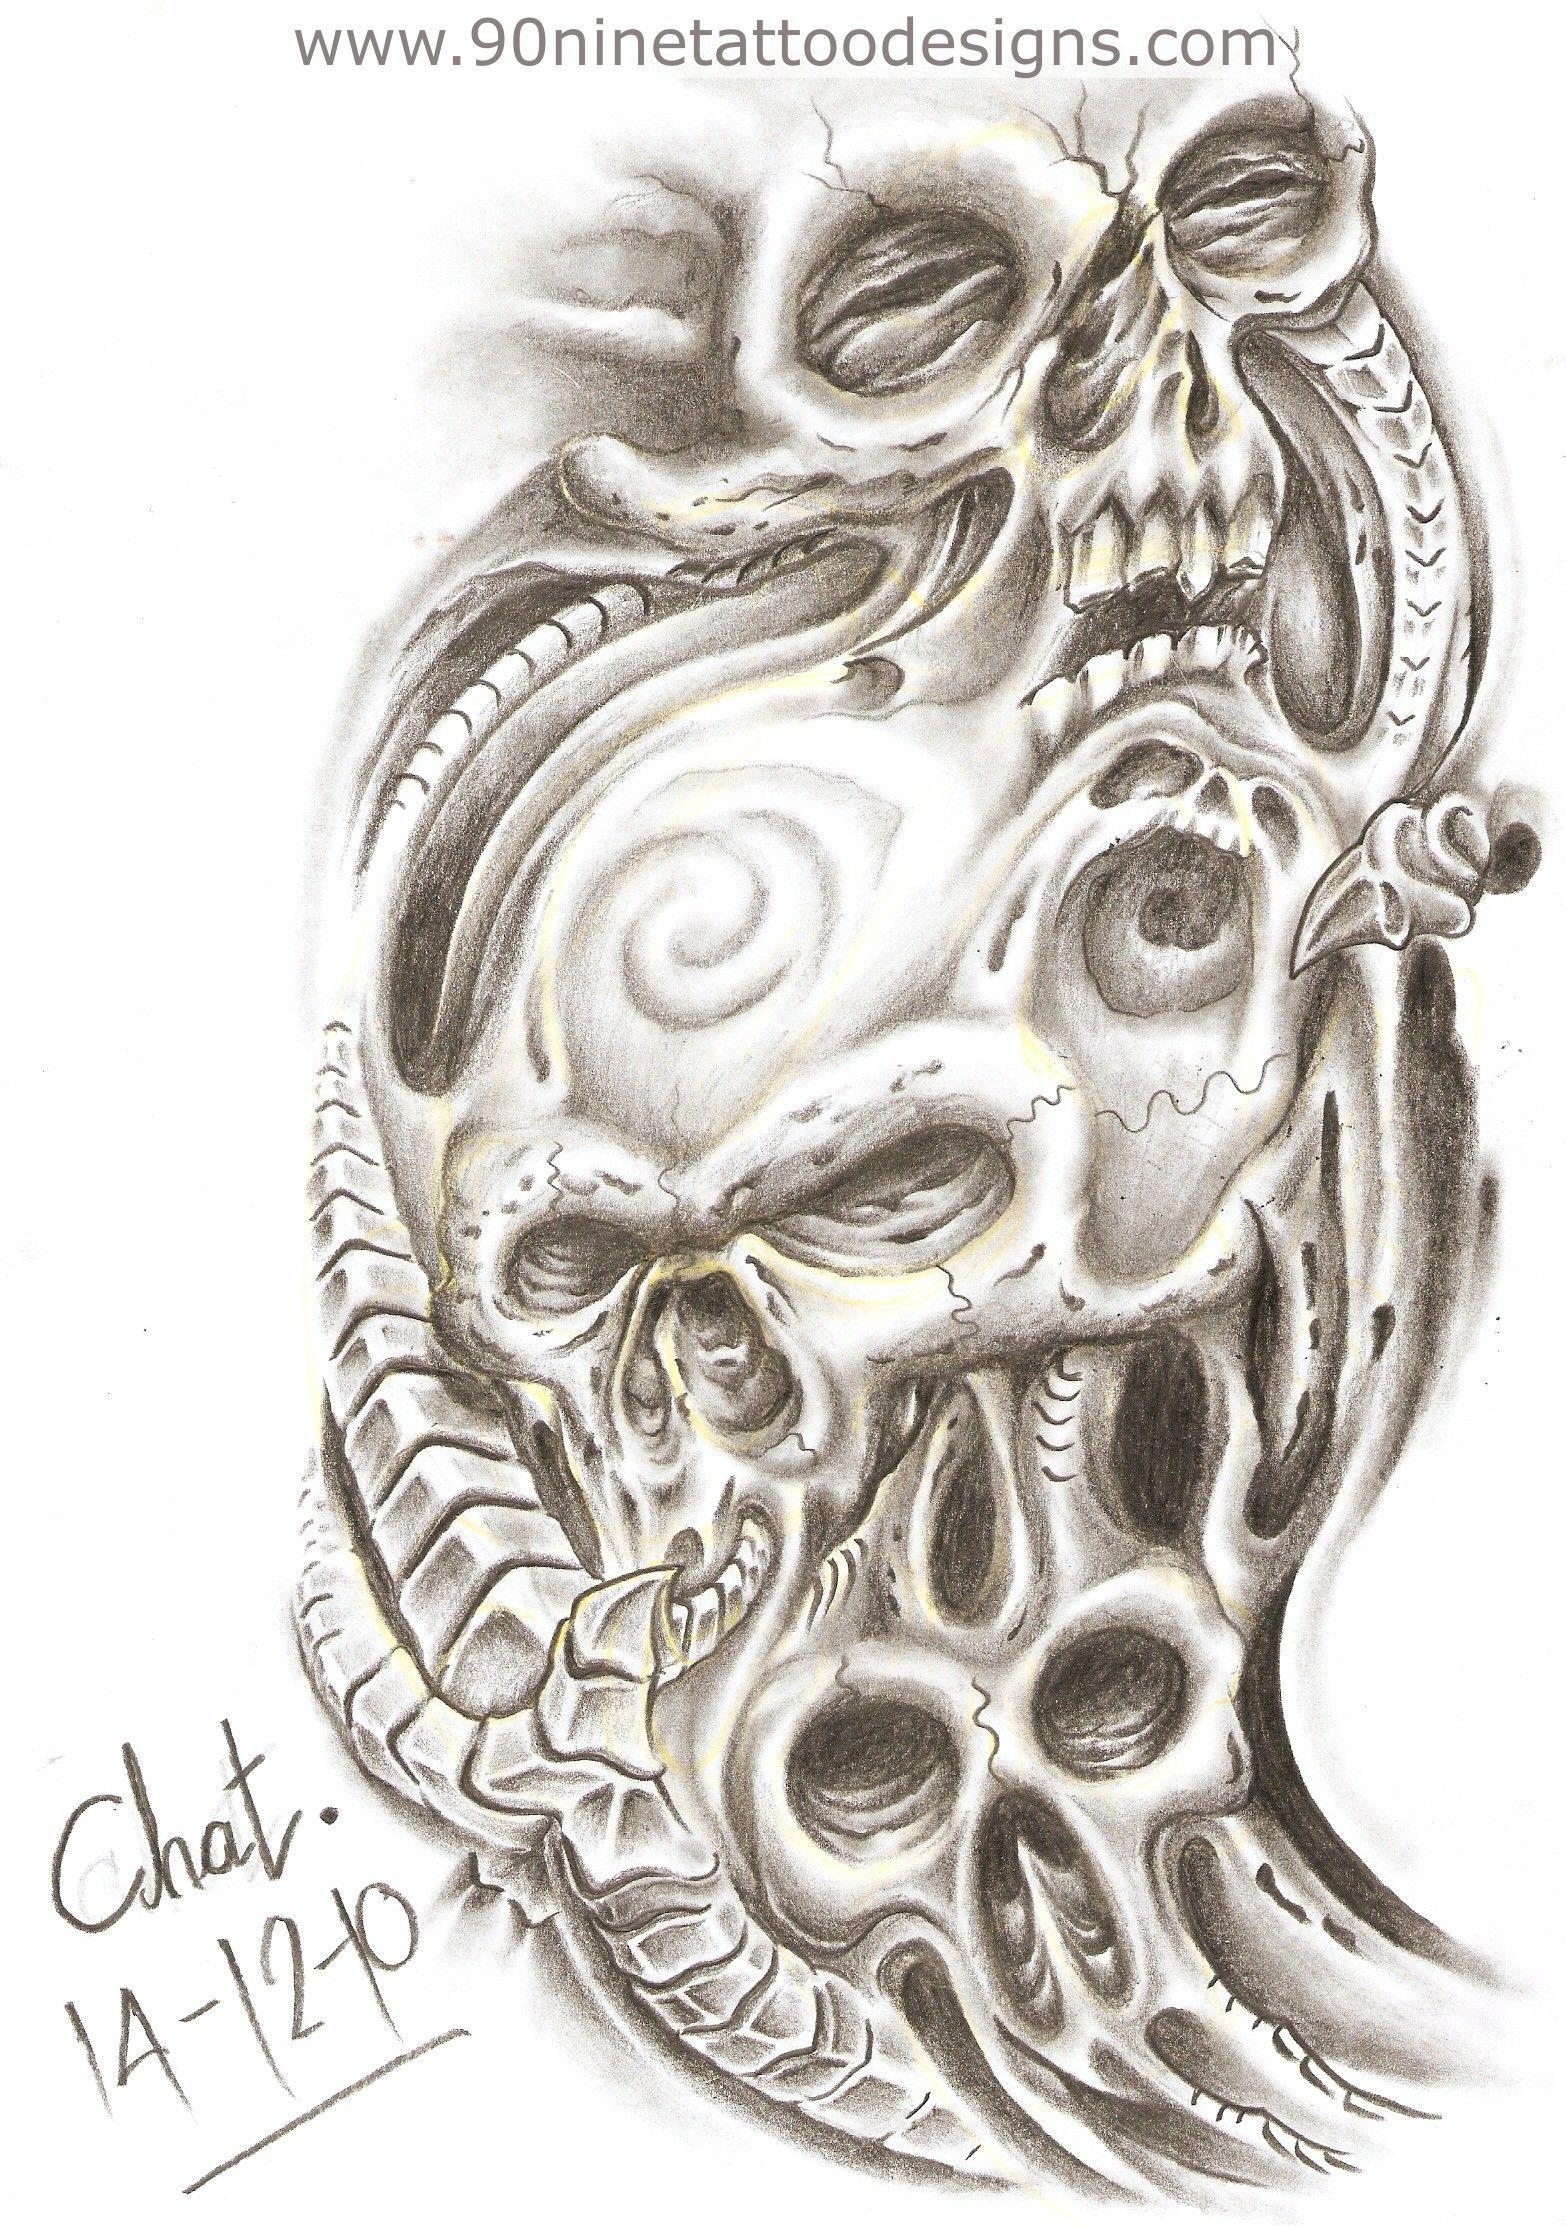 Aa8516137aae3ba2da739669bc814591 Jpg 1566 2226 Skull Sleeve Tattoos Skull Tattoos Tattoo Sleeve Designs